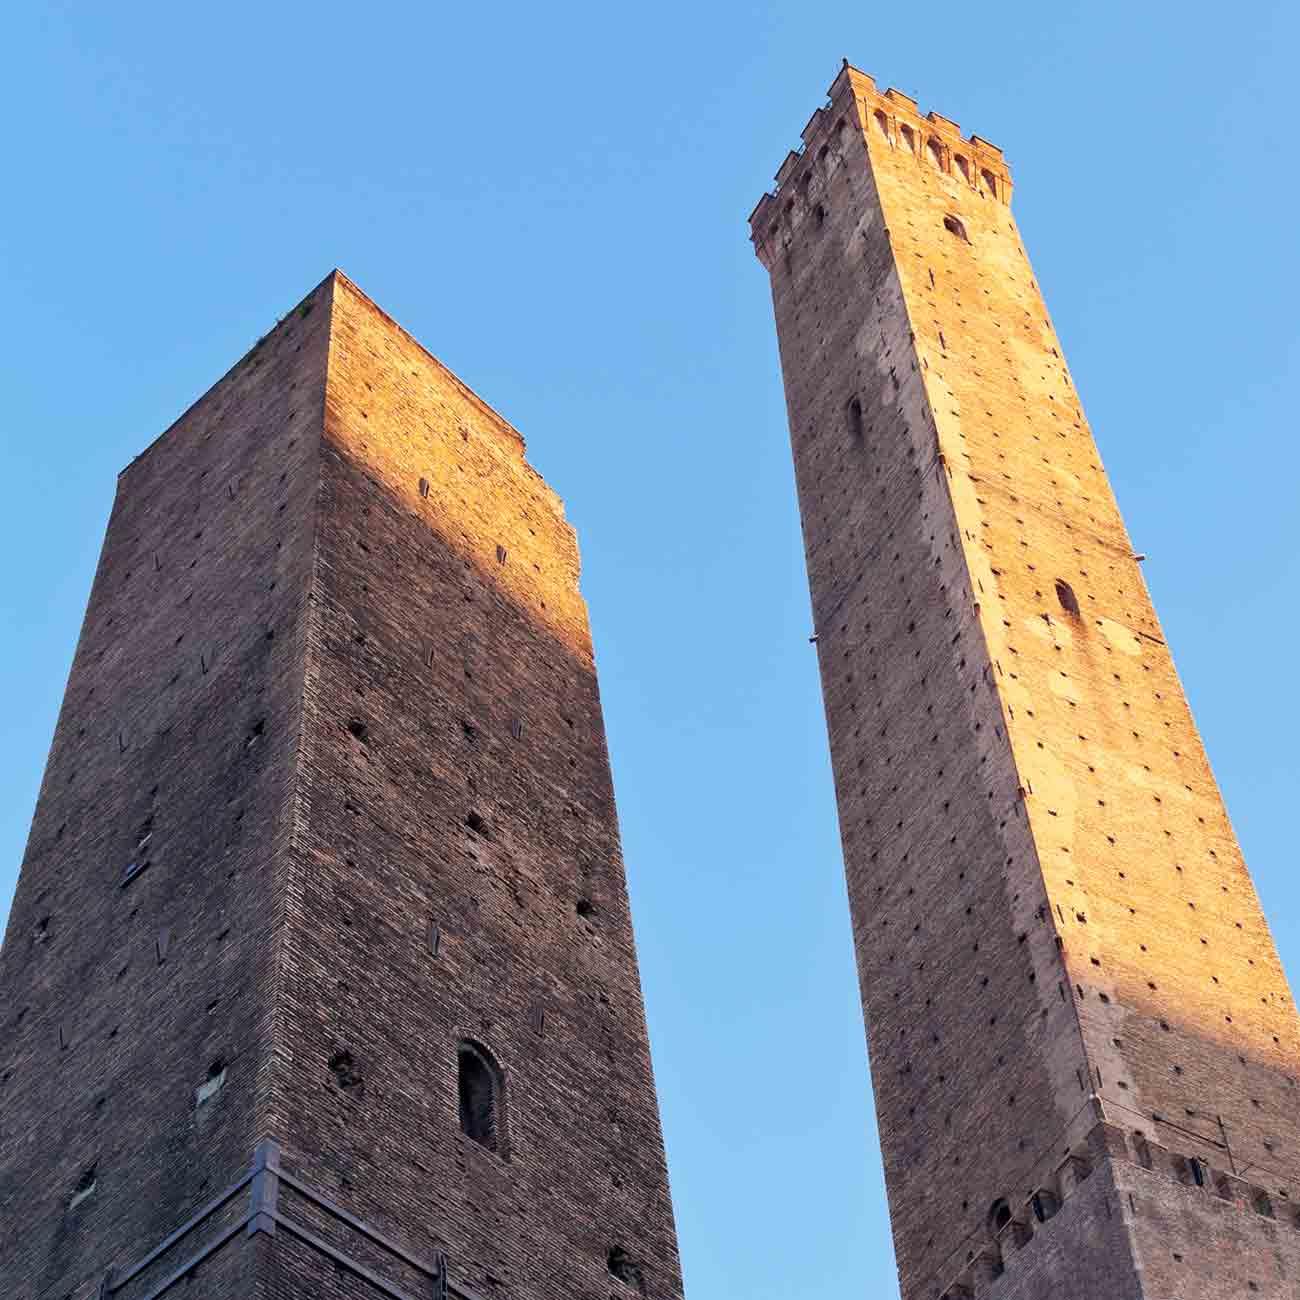 Le 10 migliori attrazioni dell'Emilia-Romagna  Zainoo Blog